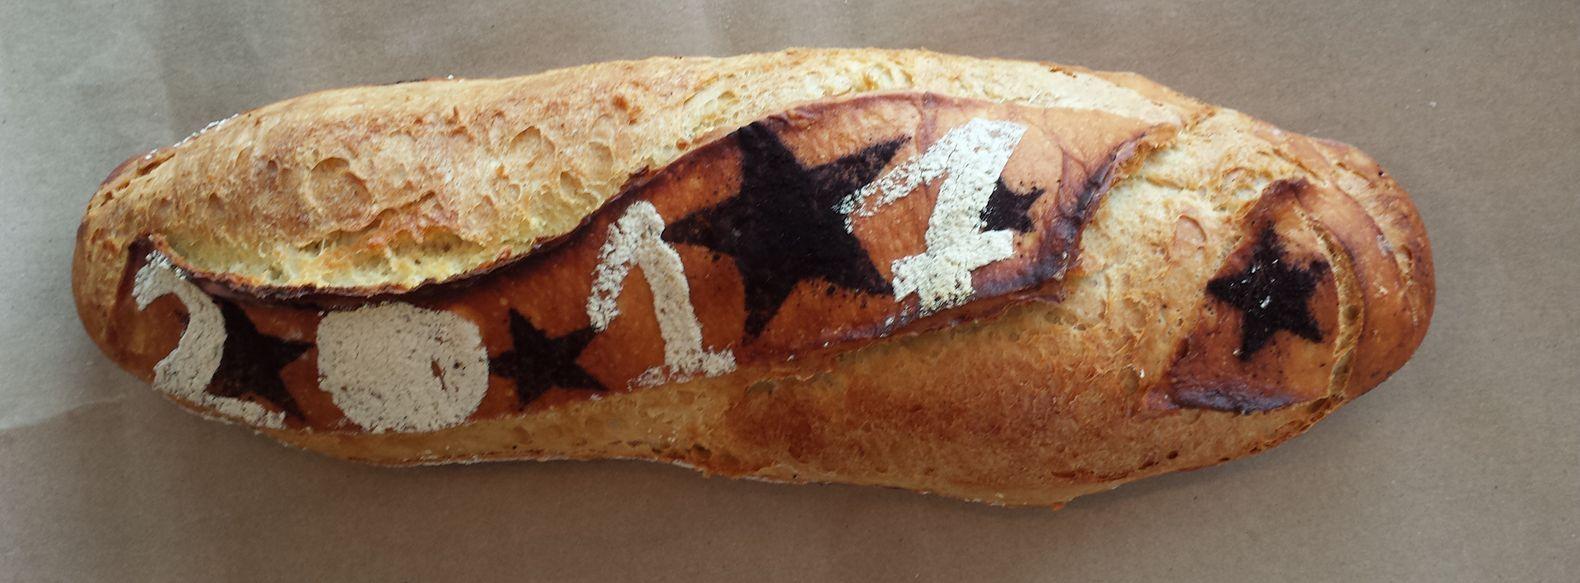 Pain Boulangerie La Grigne